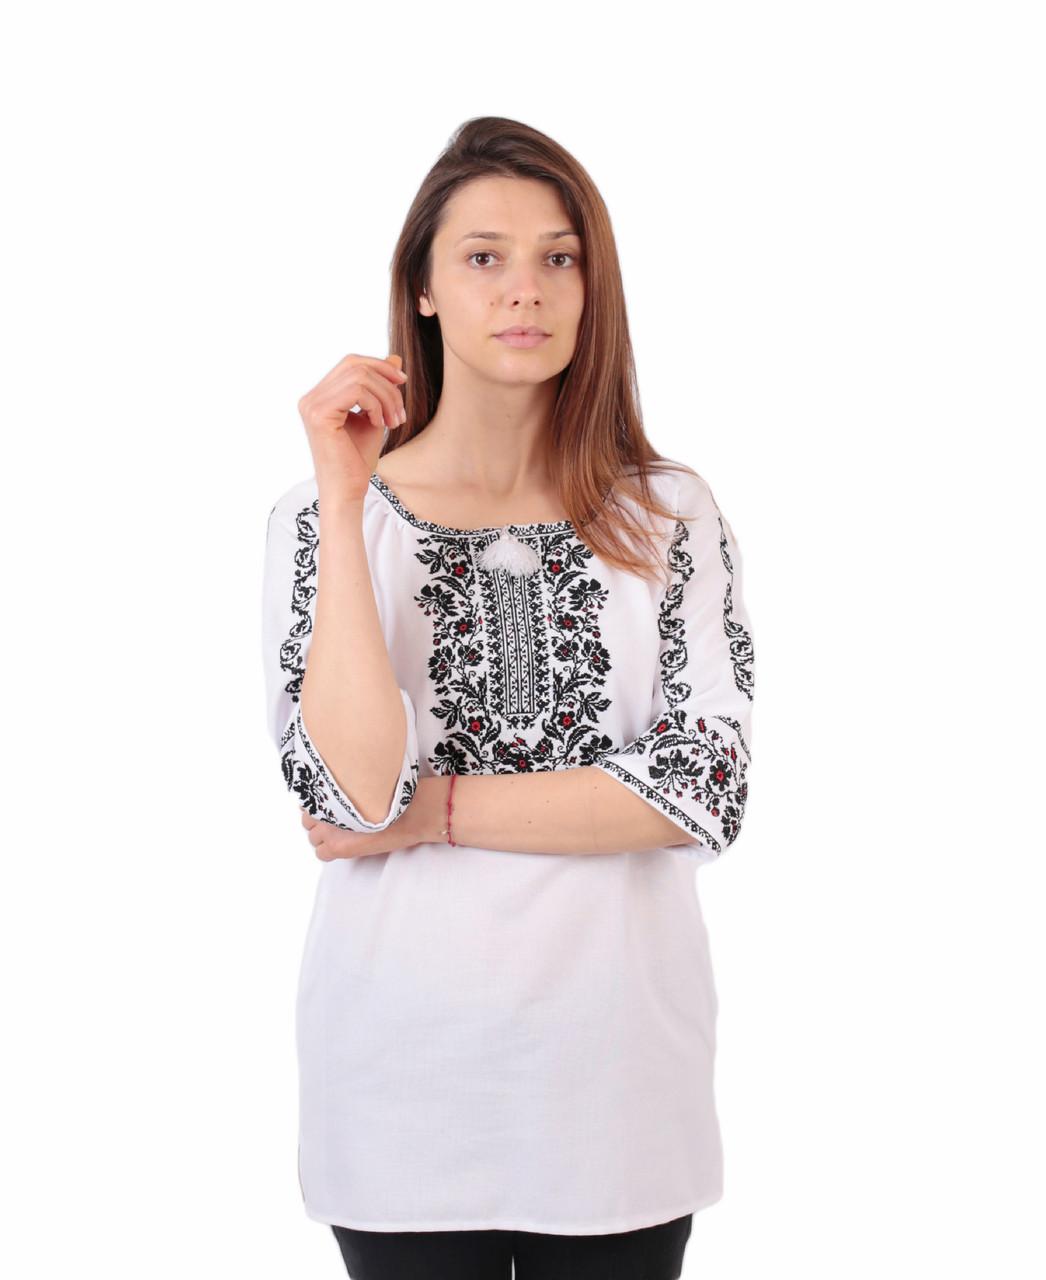 Жіноча вишиванка з машинною вишивкою з рукавом 3/4 недорого